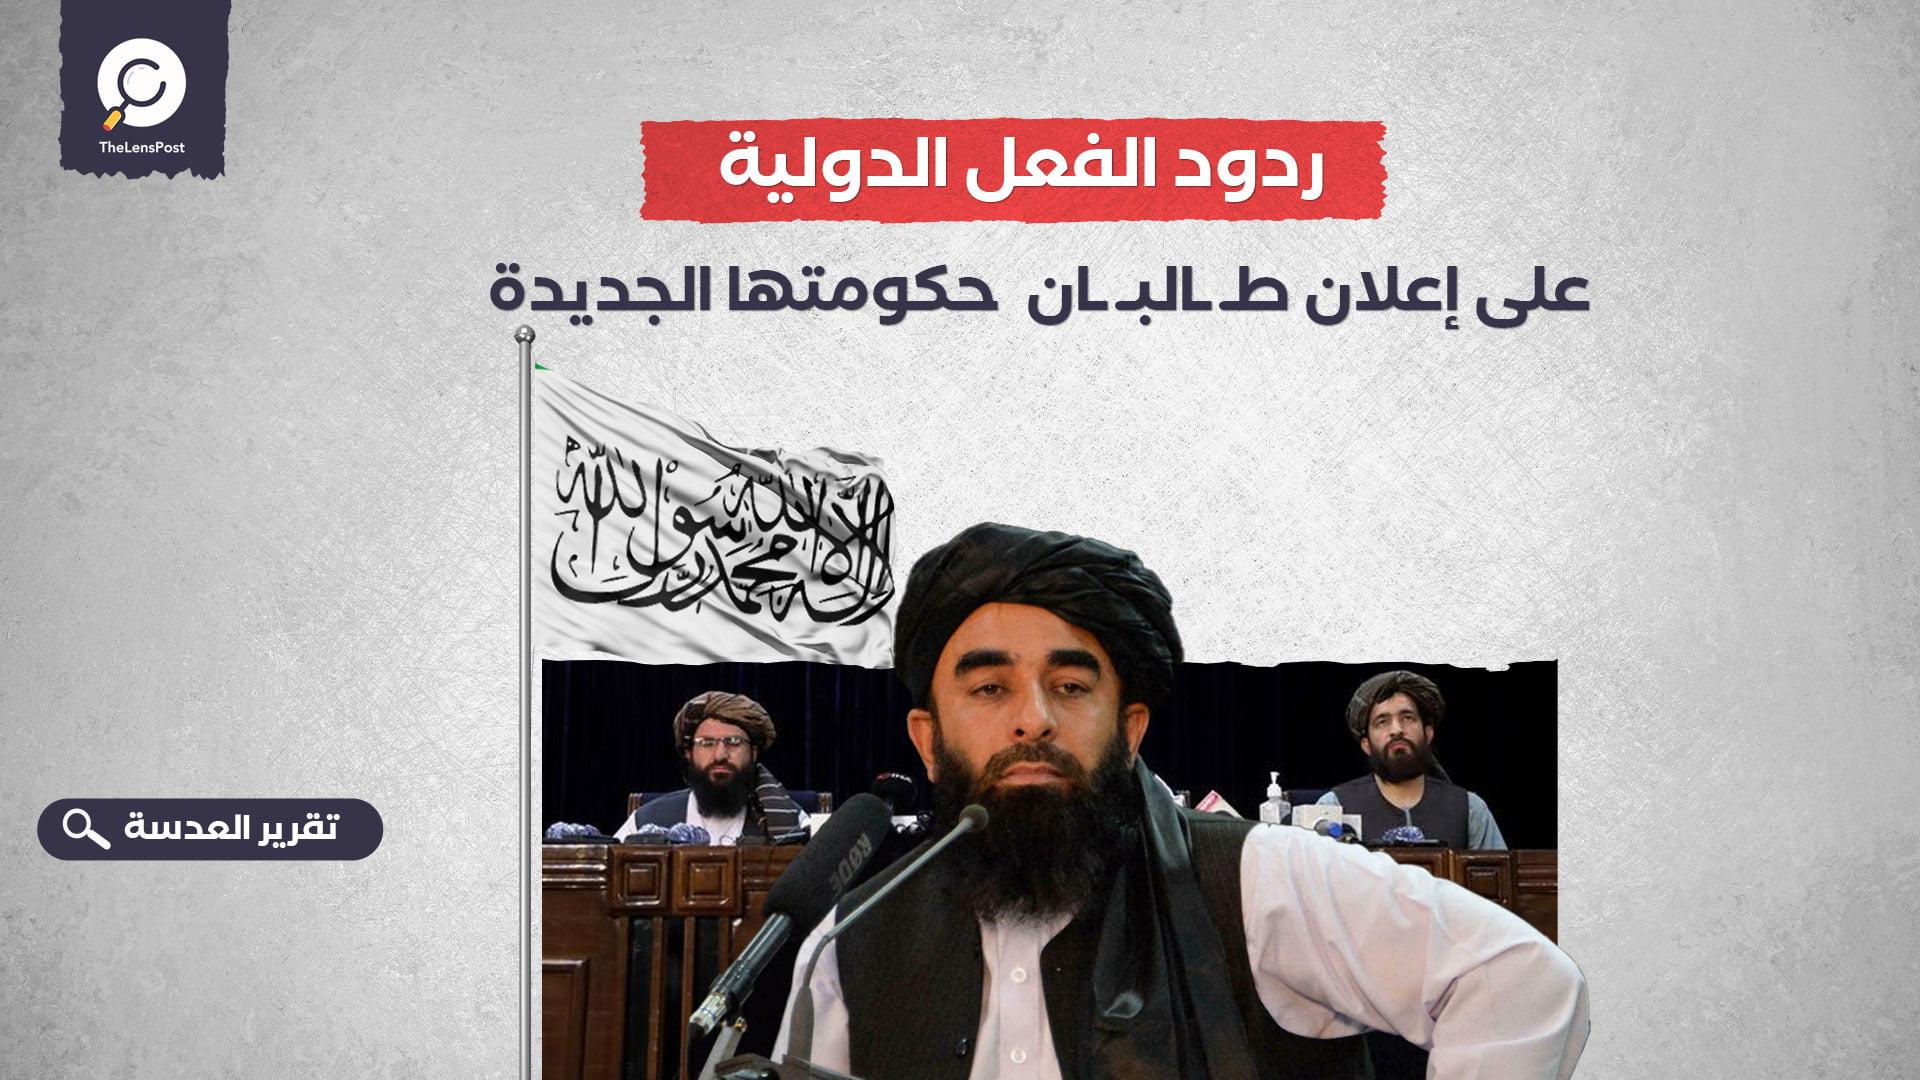 ردود الفعل الدولية على إعلان طالبان حكومتها الجديدة